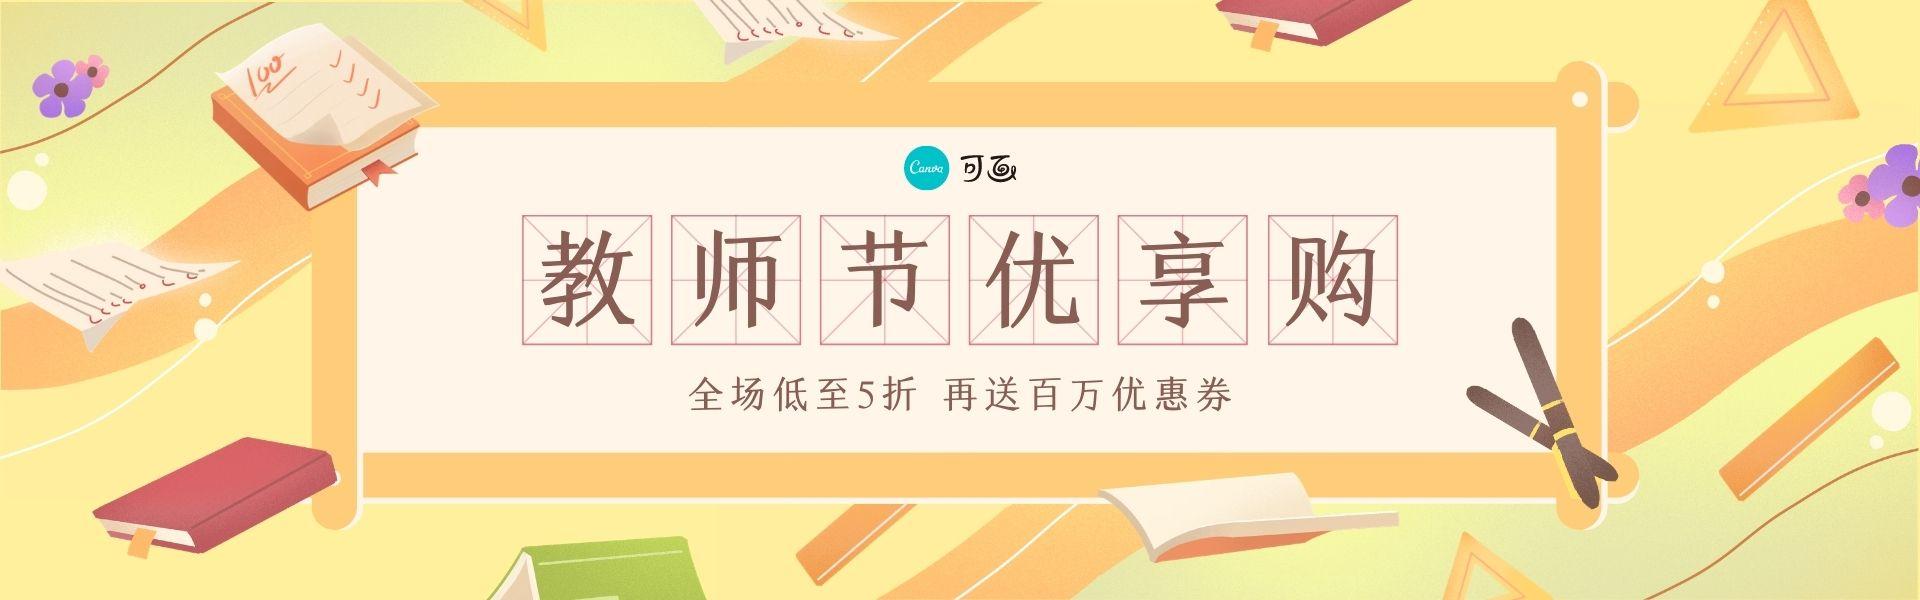 教师节电商Banner